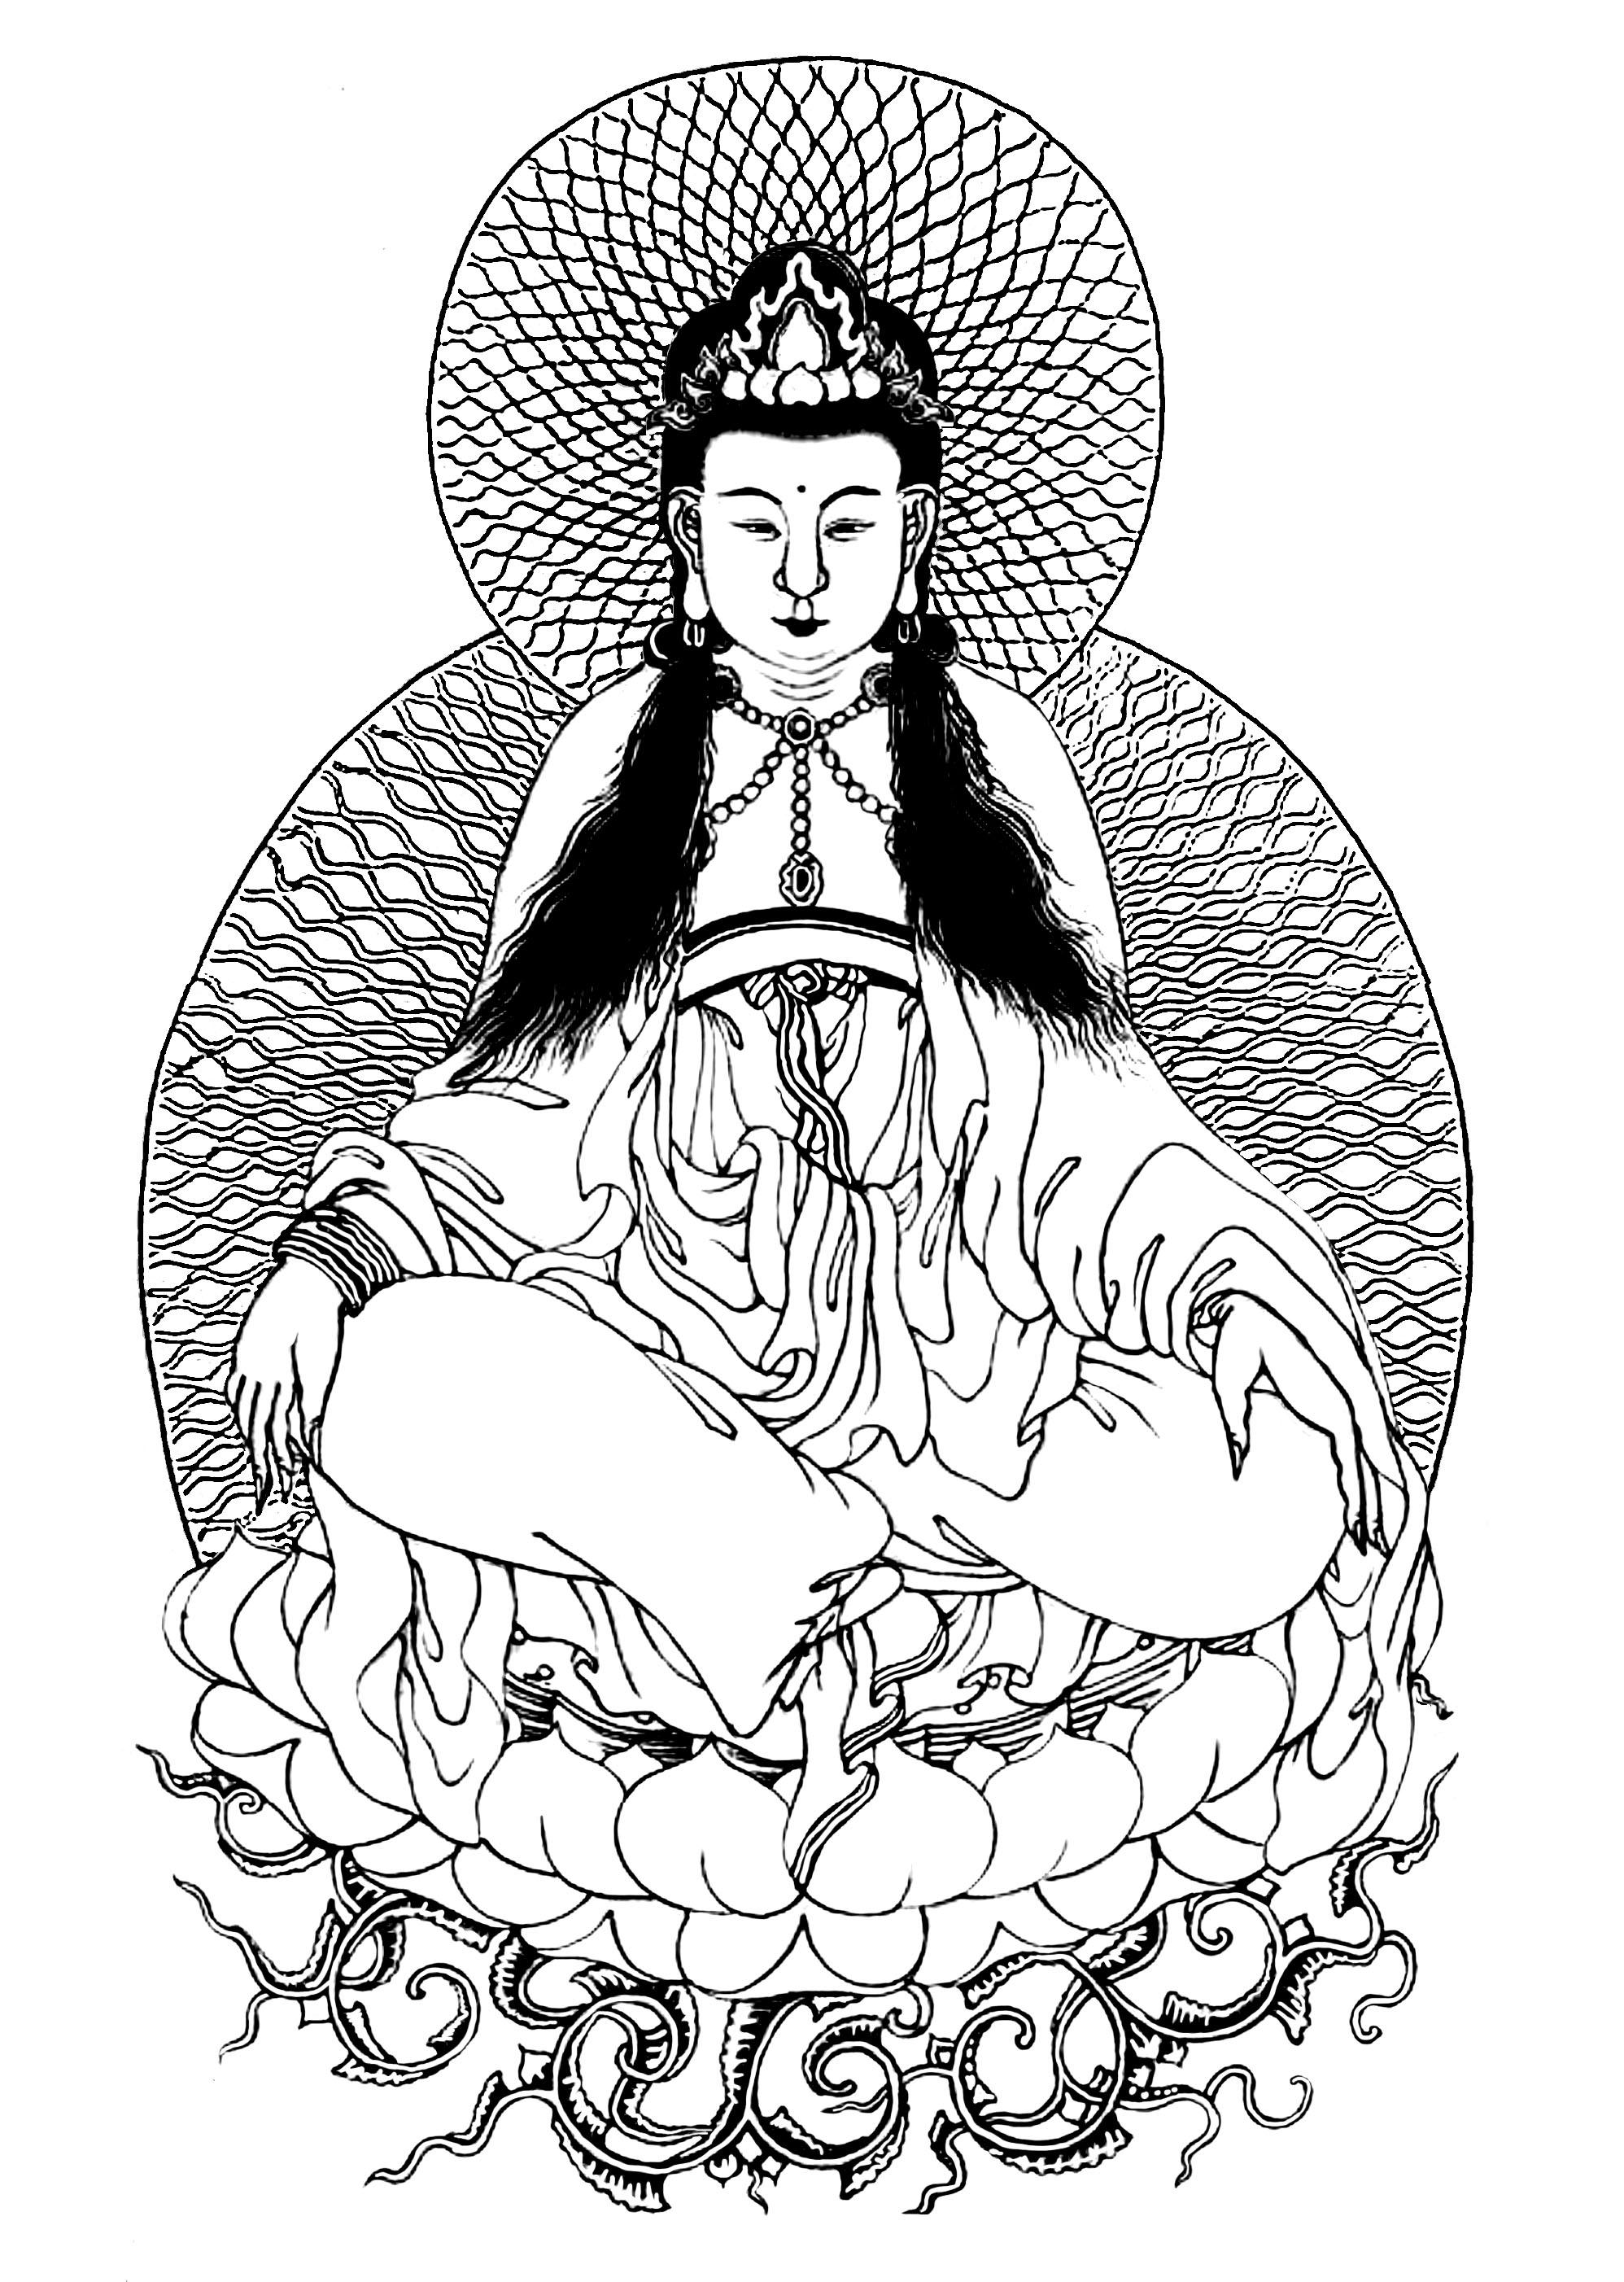 Guanyn : La déesse bouddhiste de la Miséricorde (inspiré par une peinture de Xingru Wang)